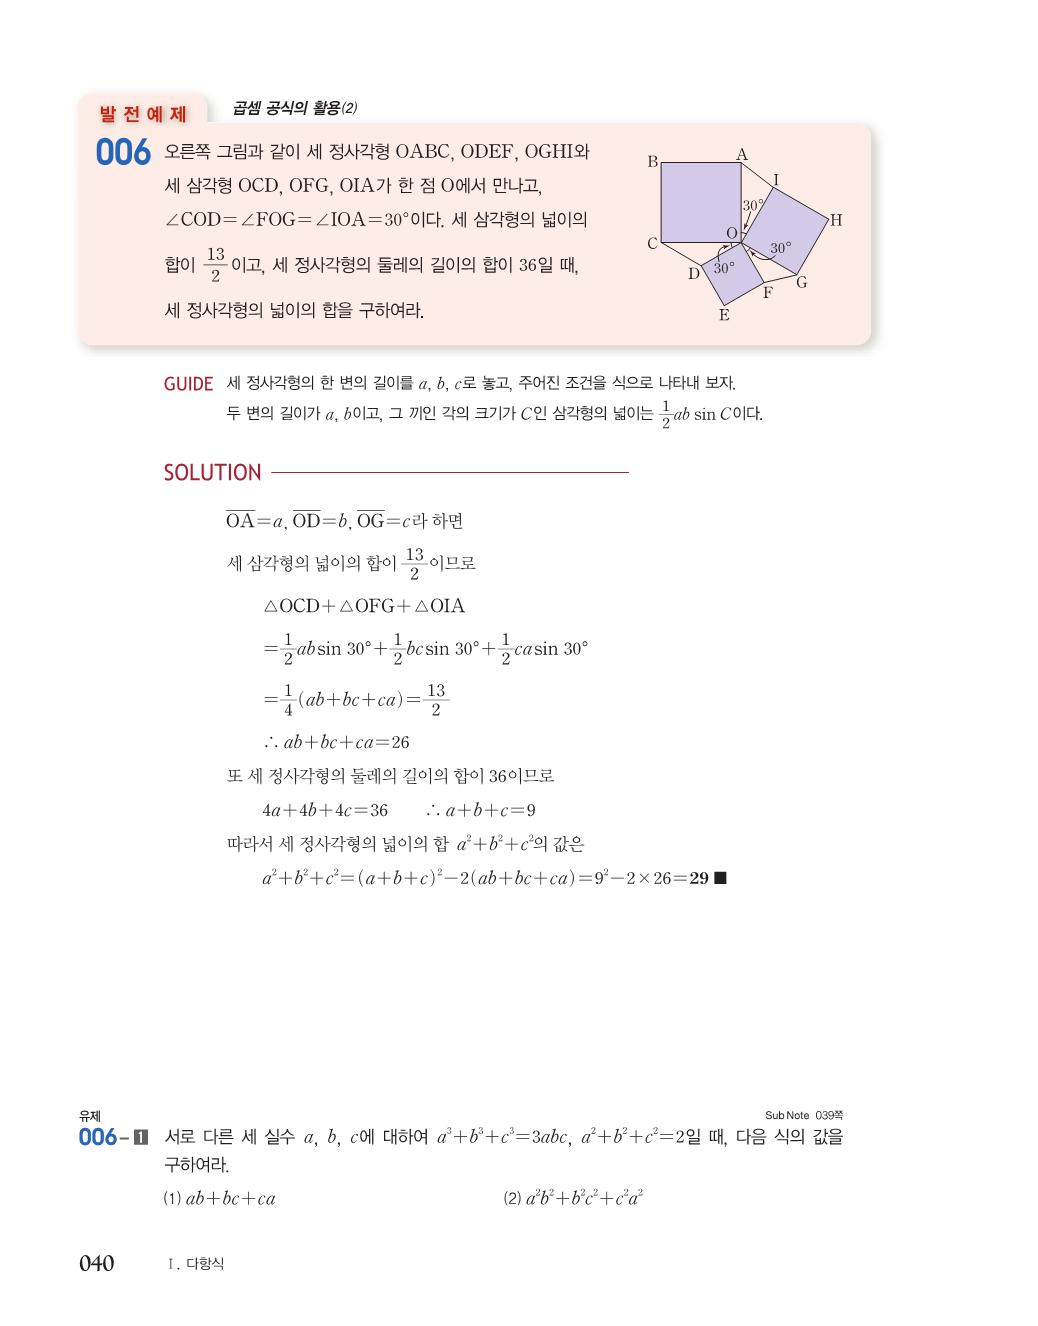 숨마쿰라우데 기본개념서 고등수학(상)_optimize20.png